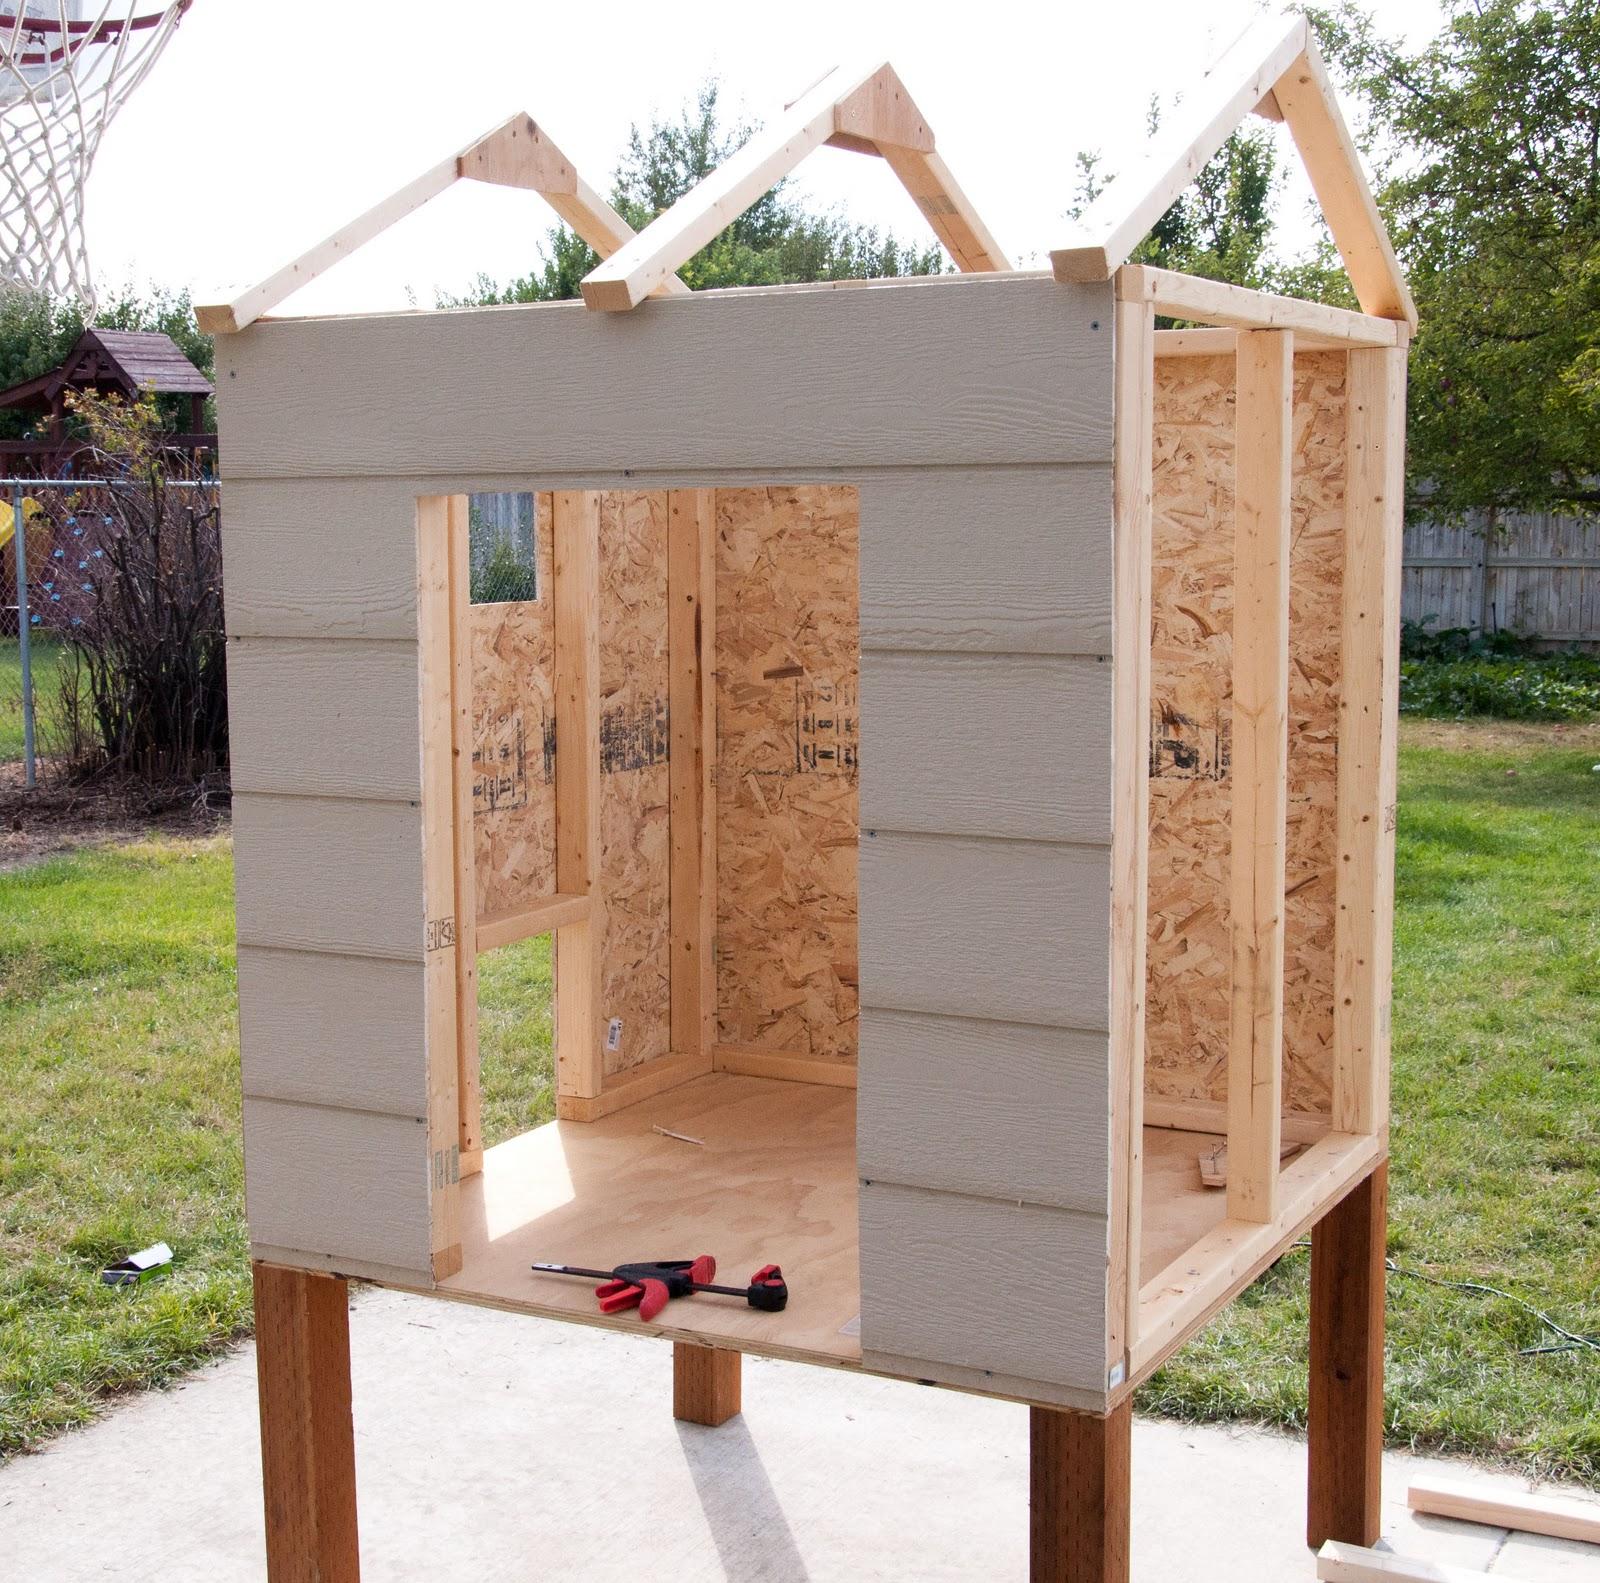 Ck Coop: Build Your Own Chicken Coop.com